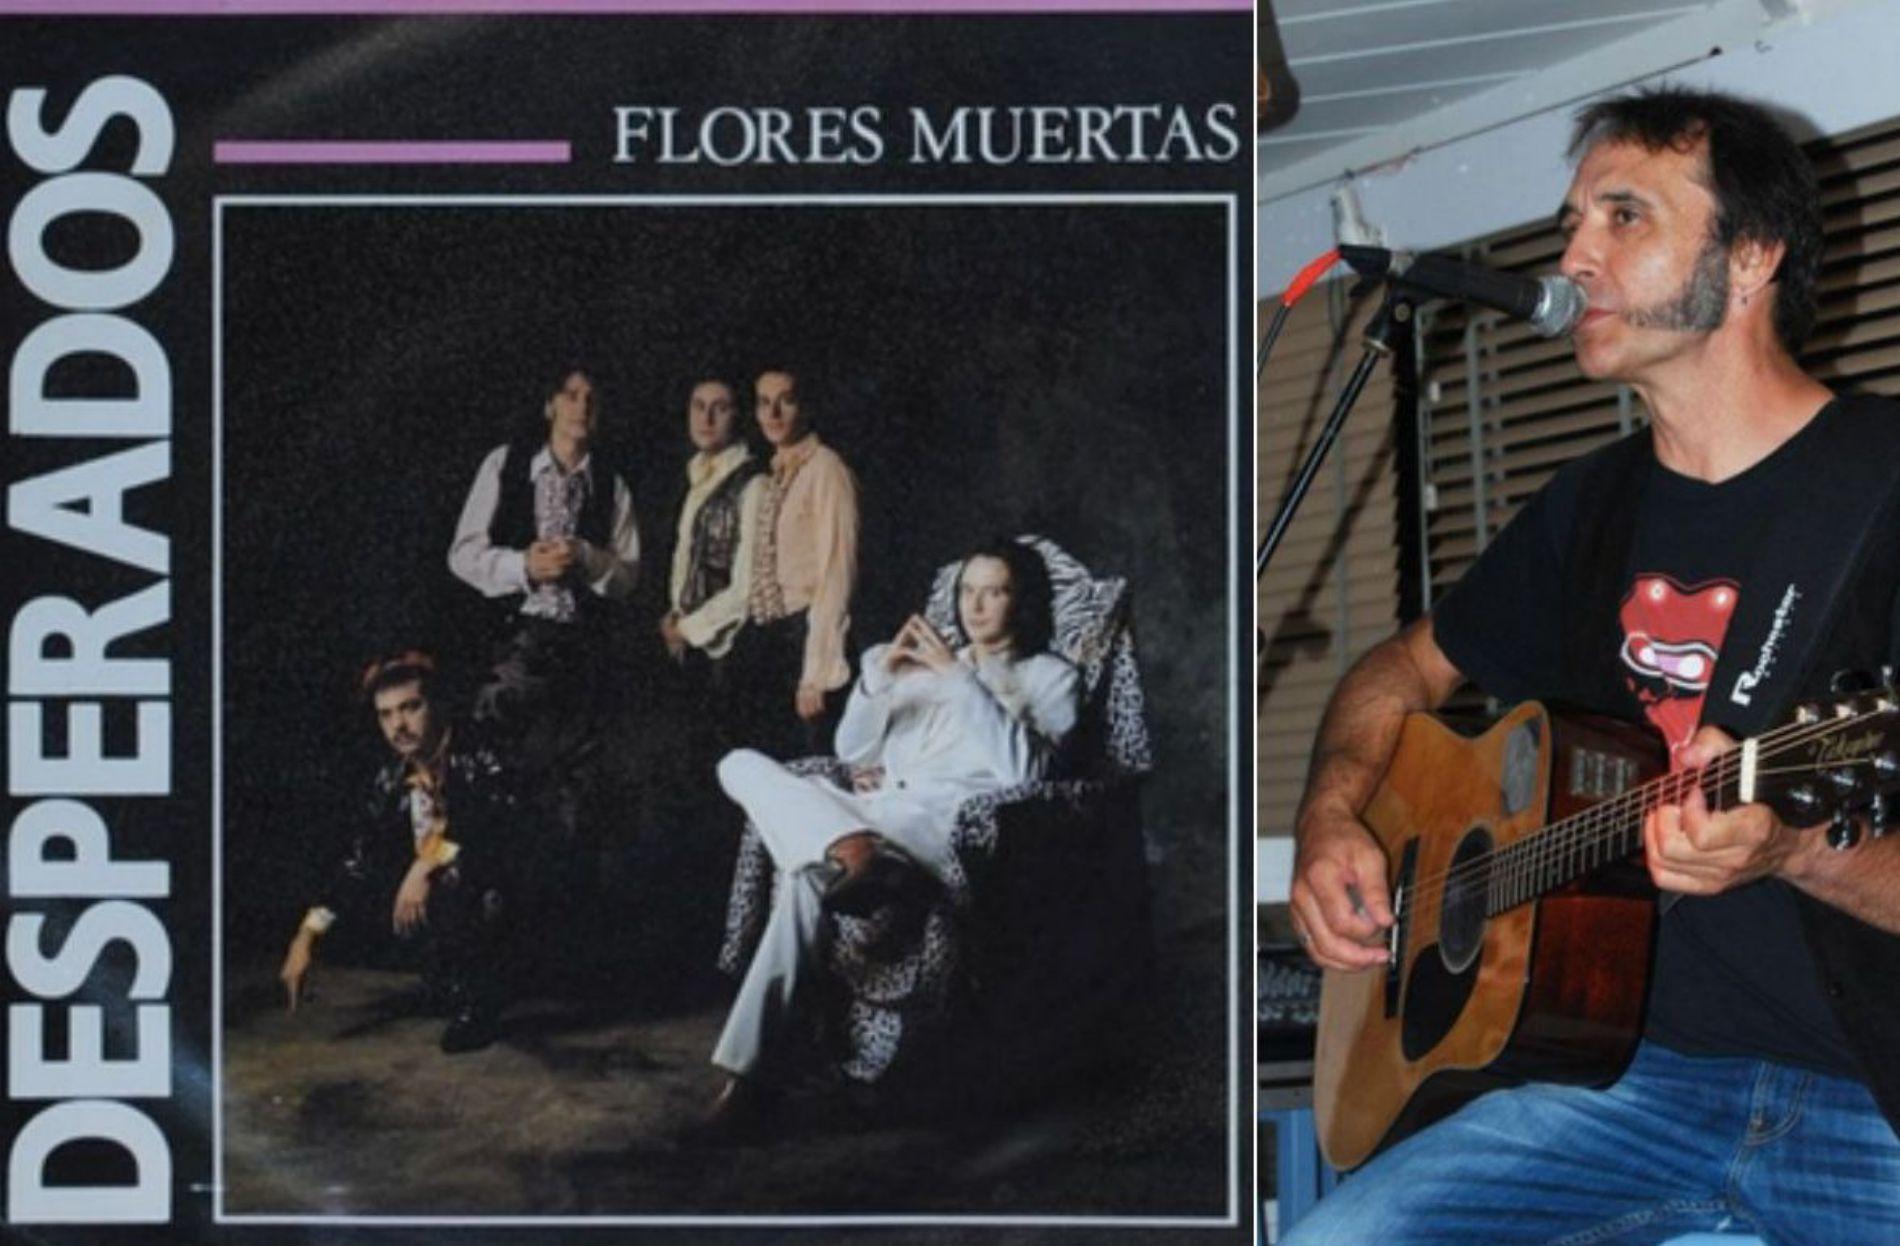 'Flores muertas' del grupo madrileño Desperados a finales de los 80, y Guille Martín, el alma de la banda. Fotos: Facebook.